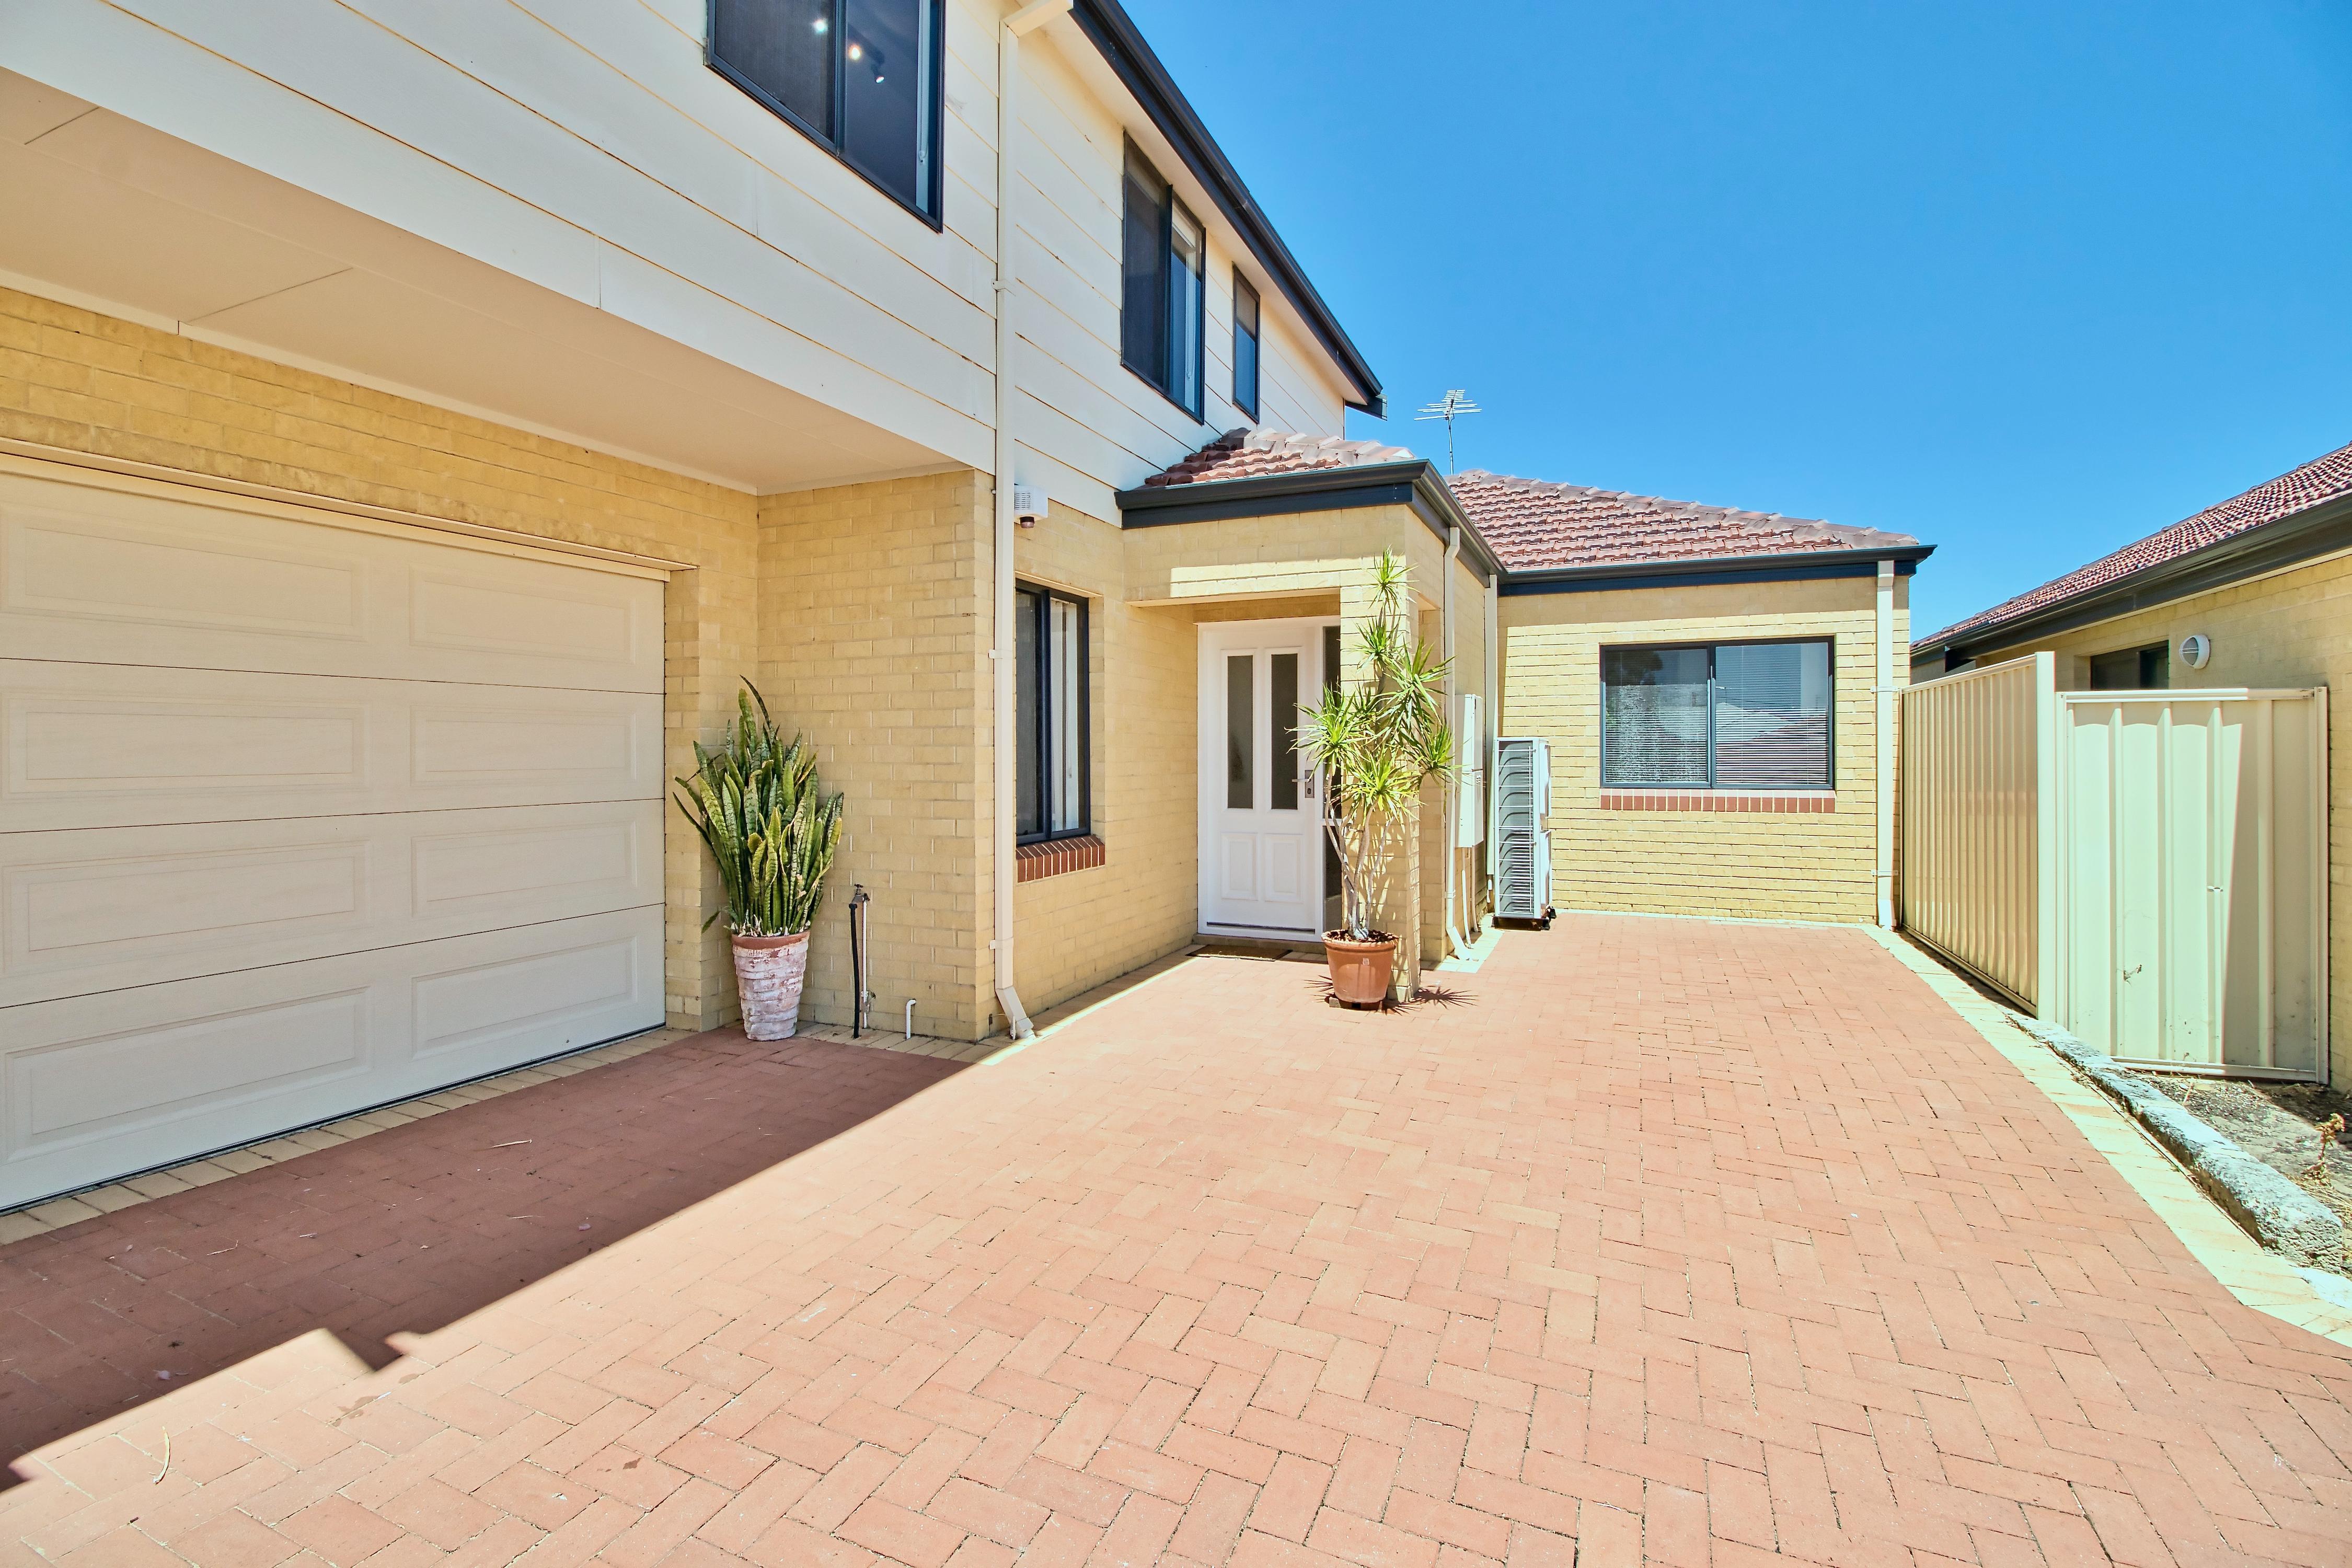 17C Lewington Street Rockingham - Townhouse For Sale - 22830874 - ACTON Rockingham